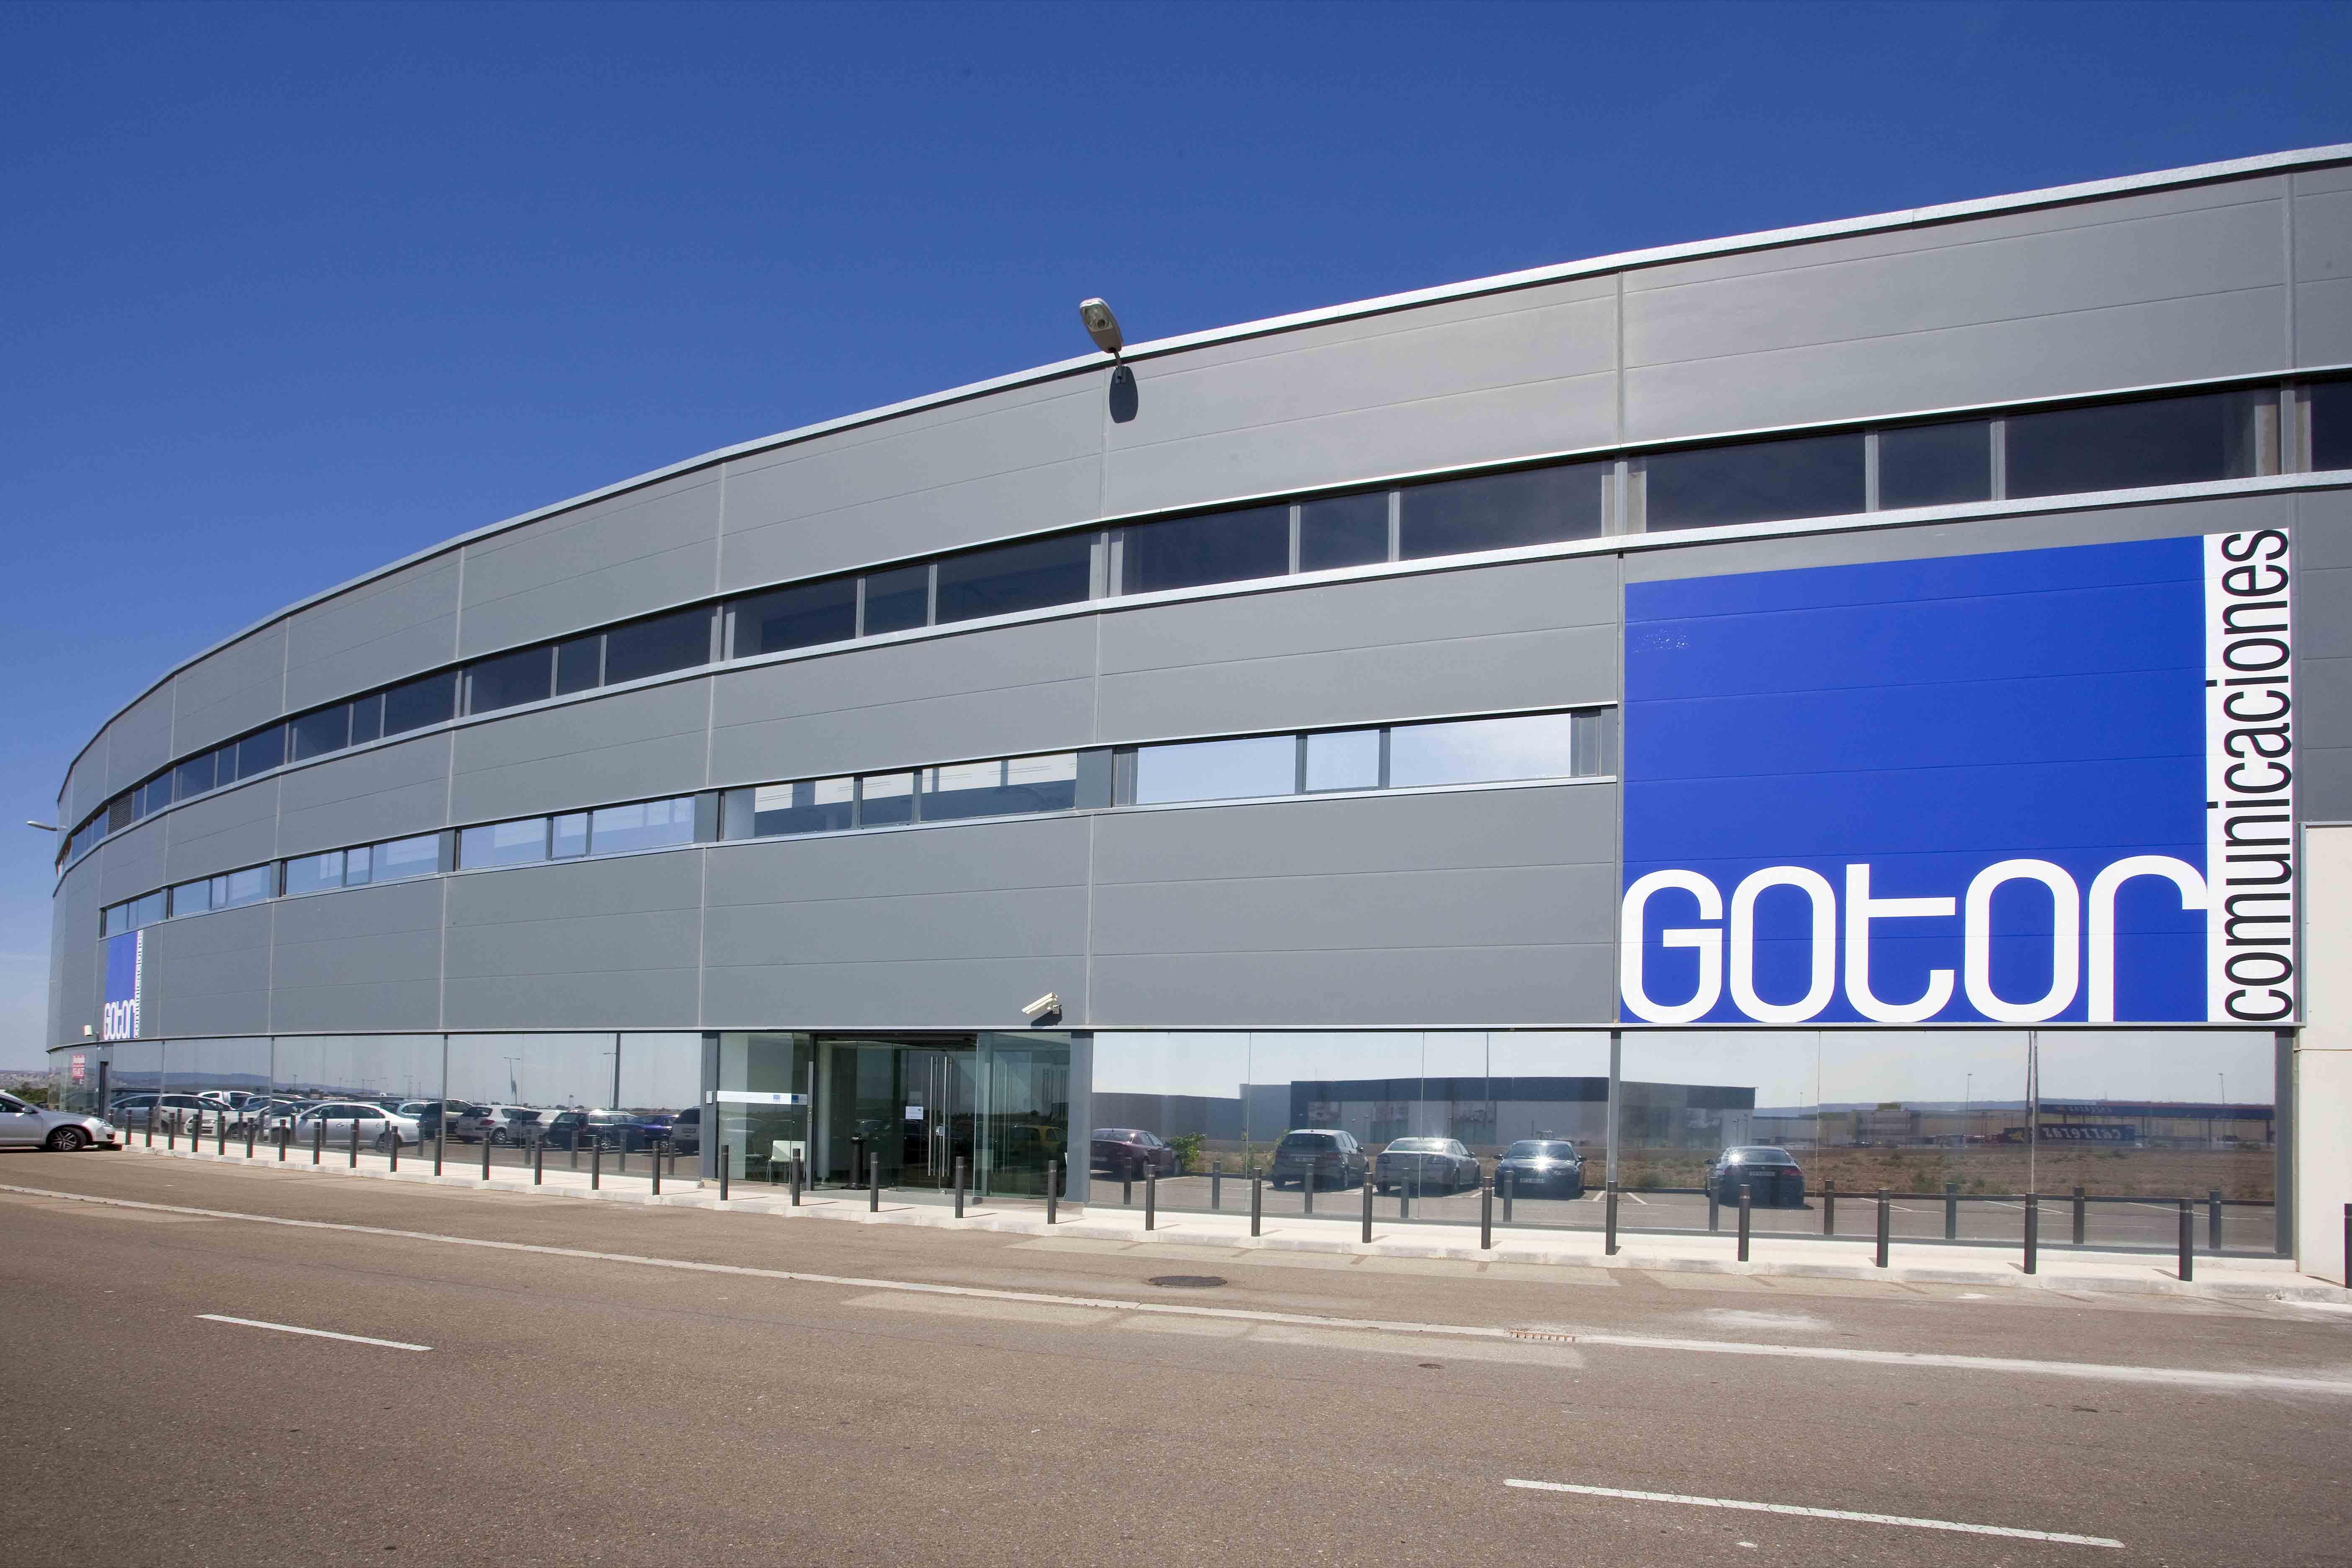 oficinas de gotor comunicaciones en Zaragoza